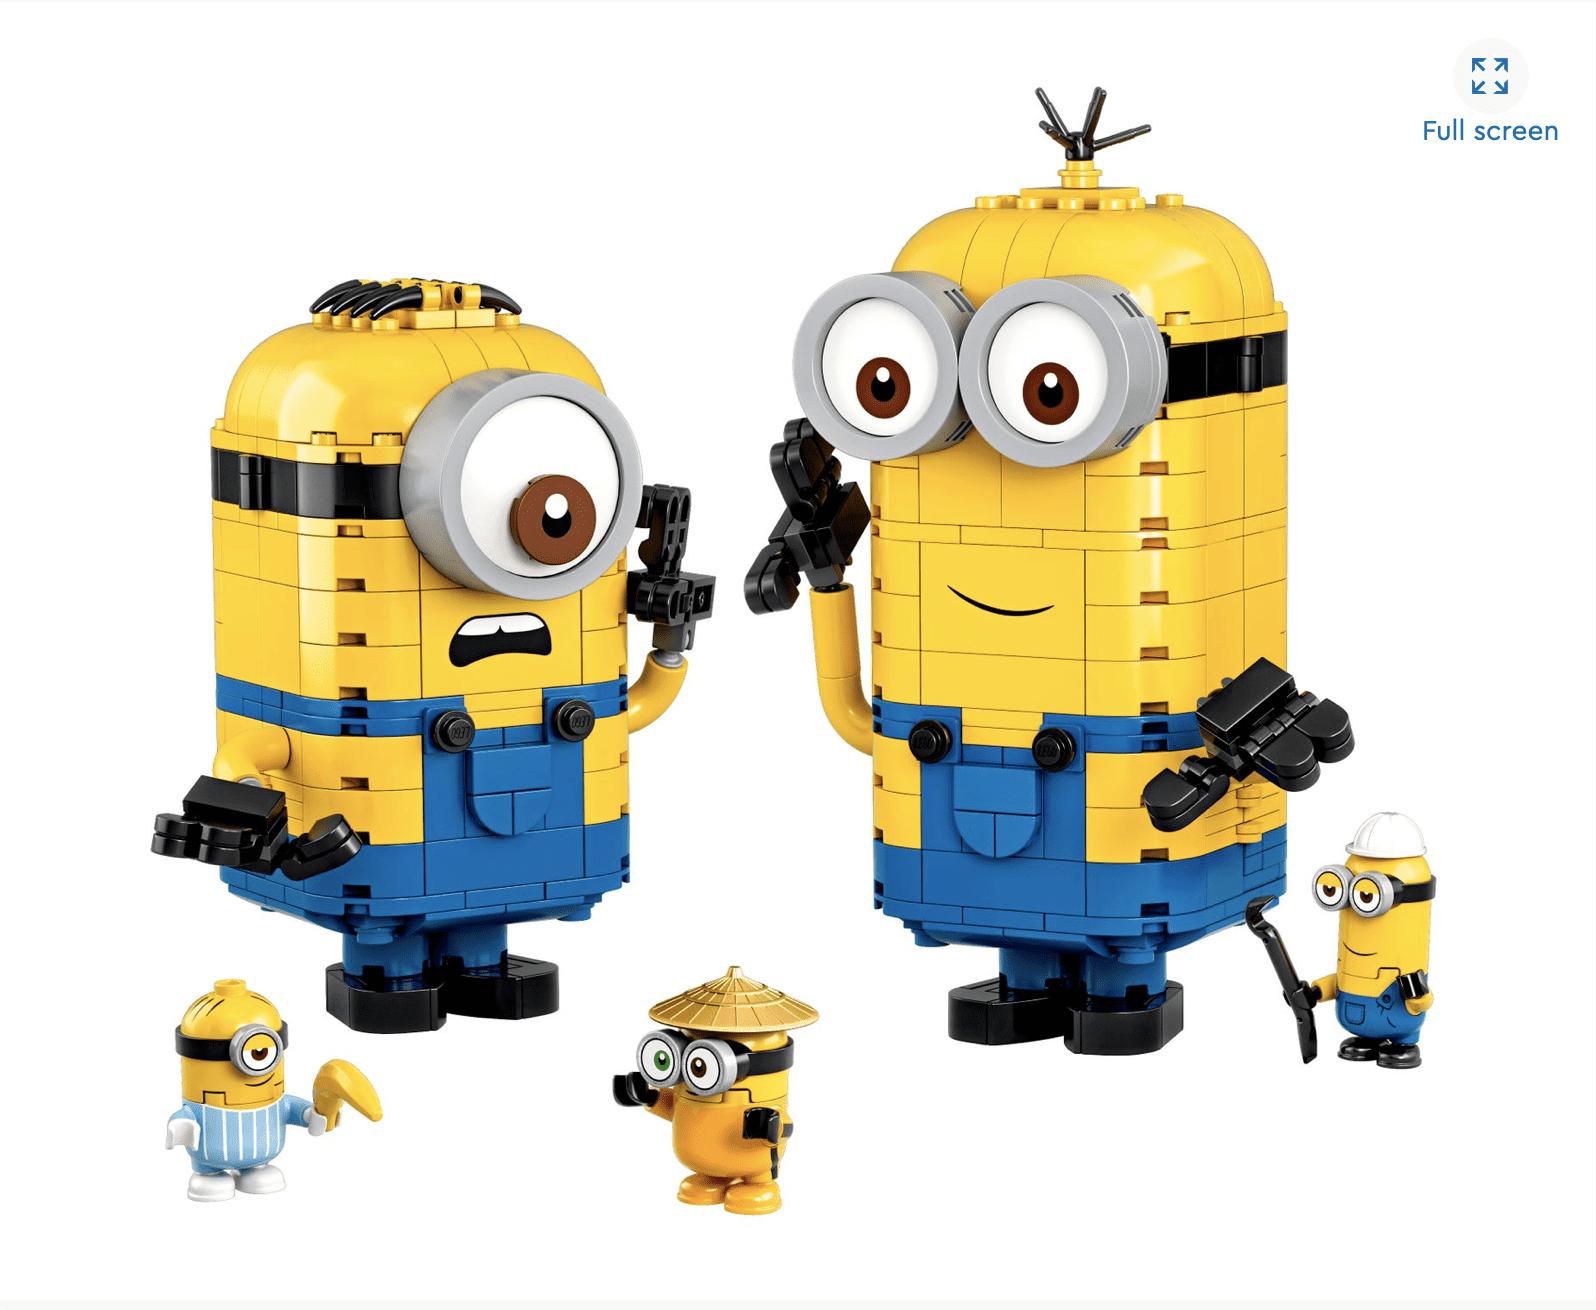 LEGO Minions Brick-built Minions and their Lair .99